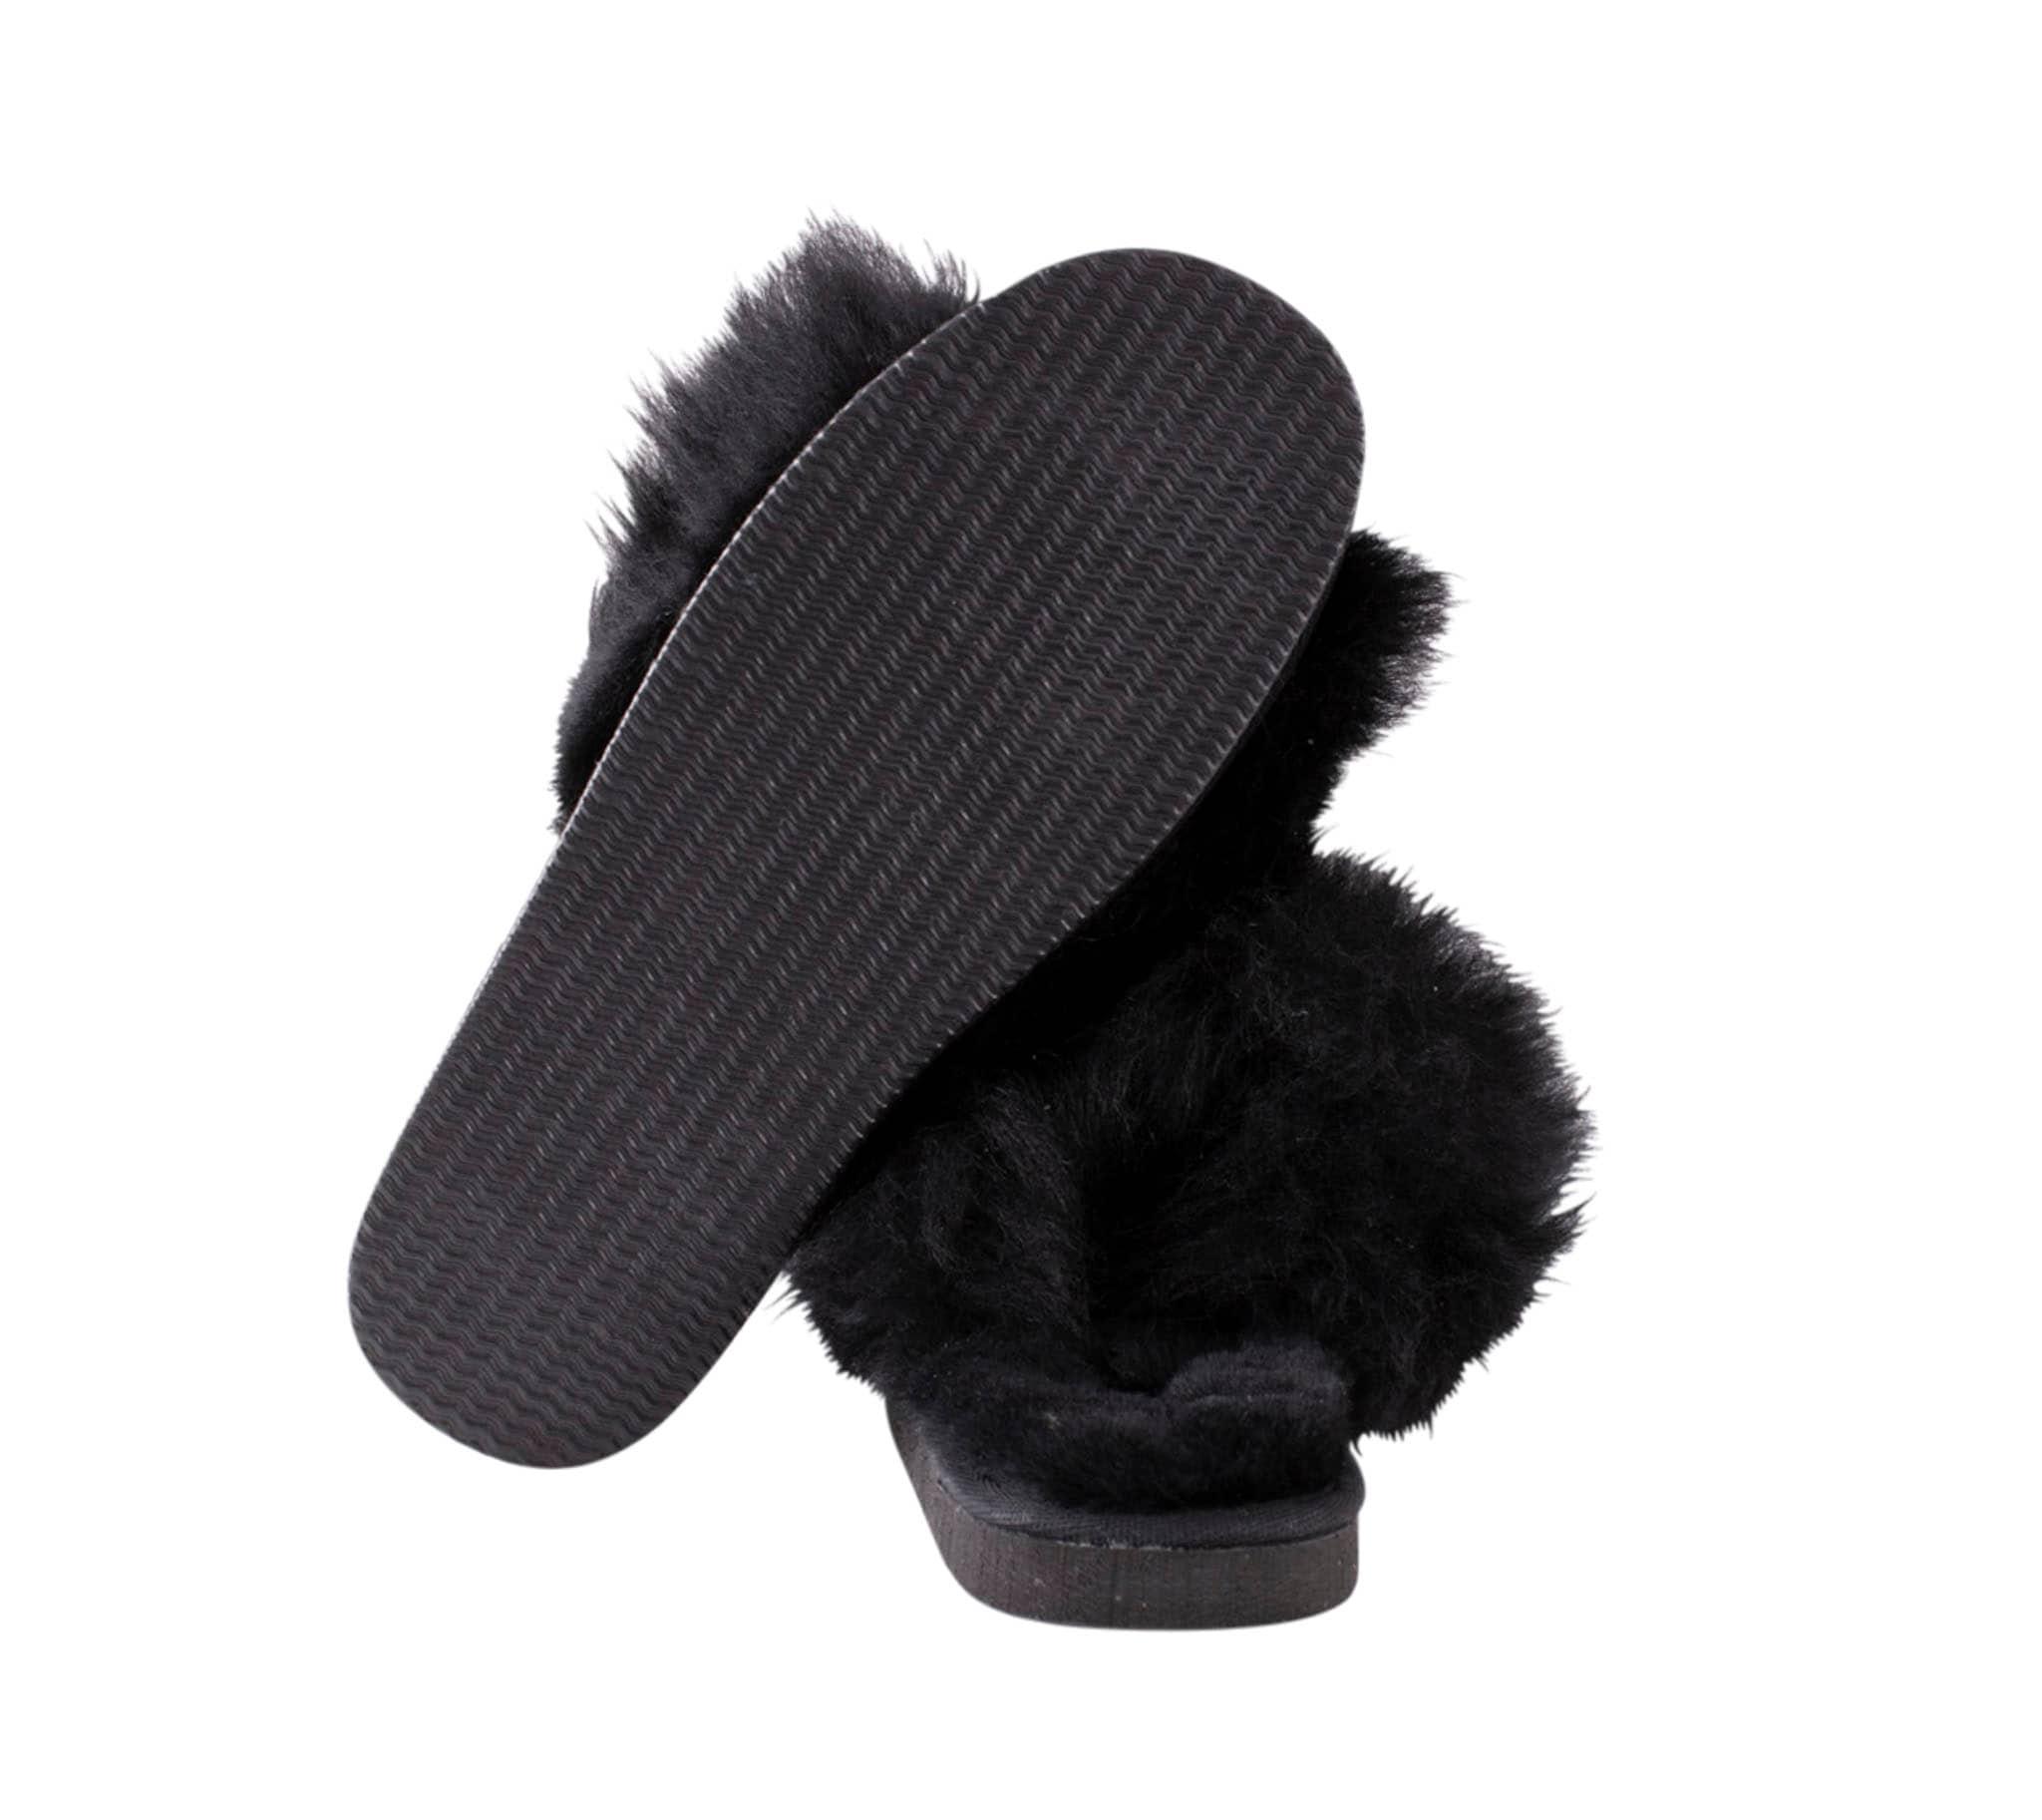 Shepherd Tessan slippers